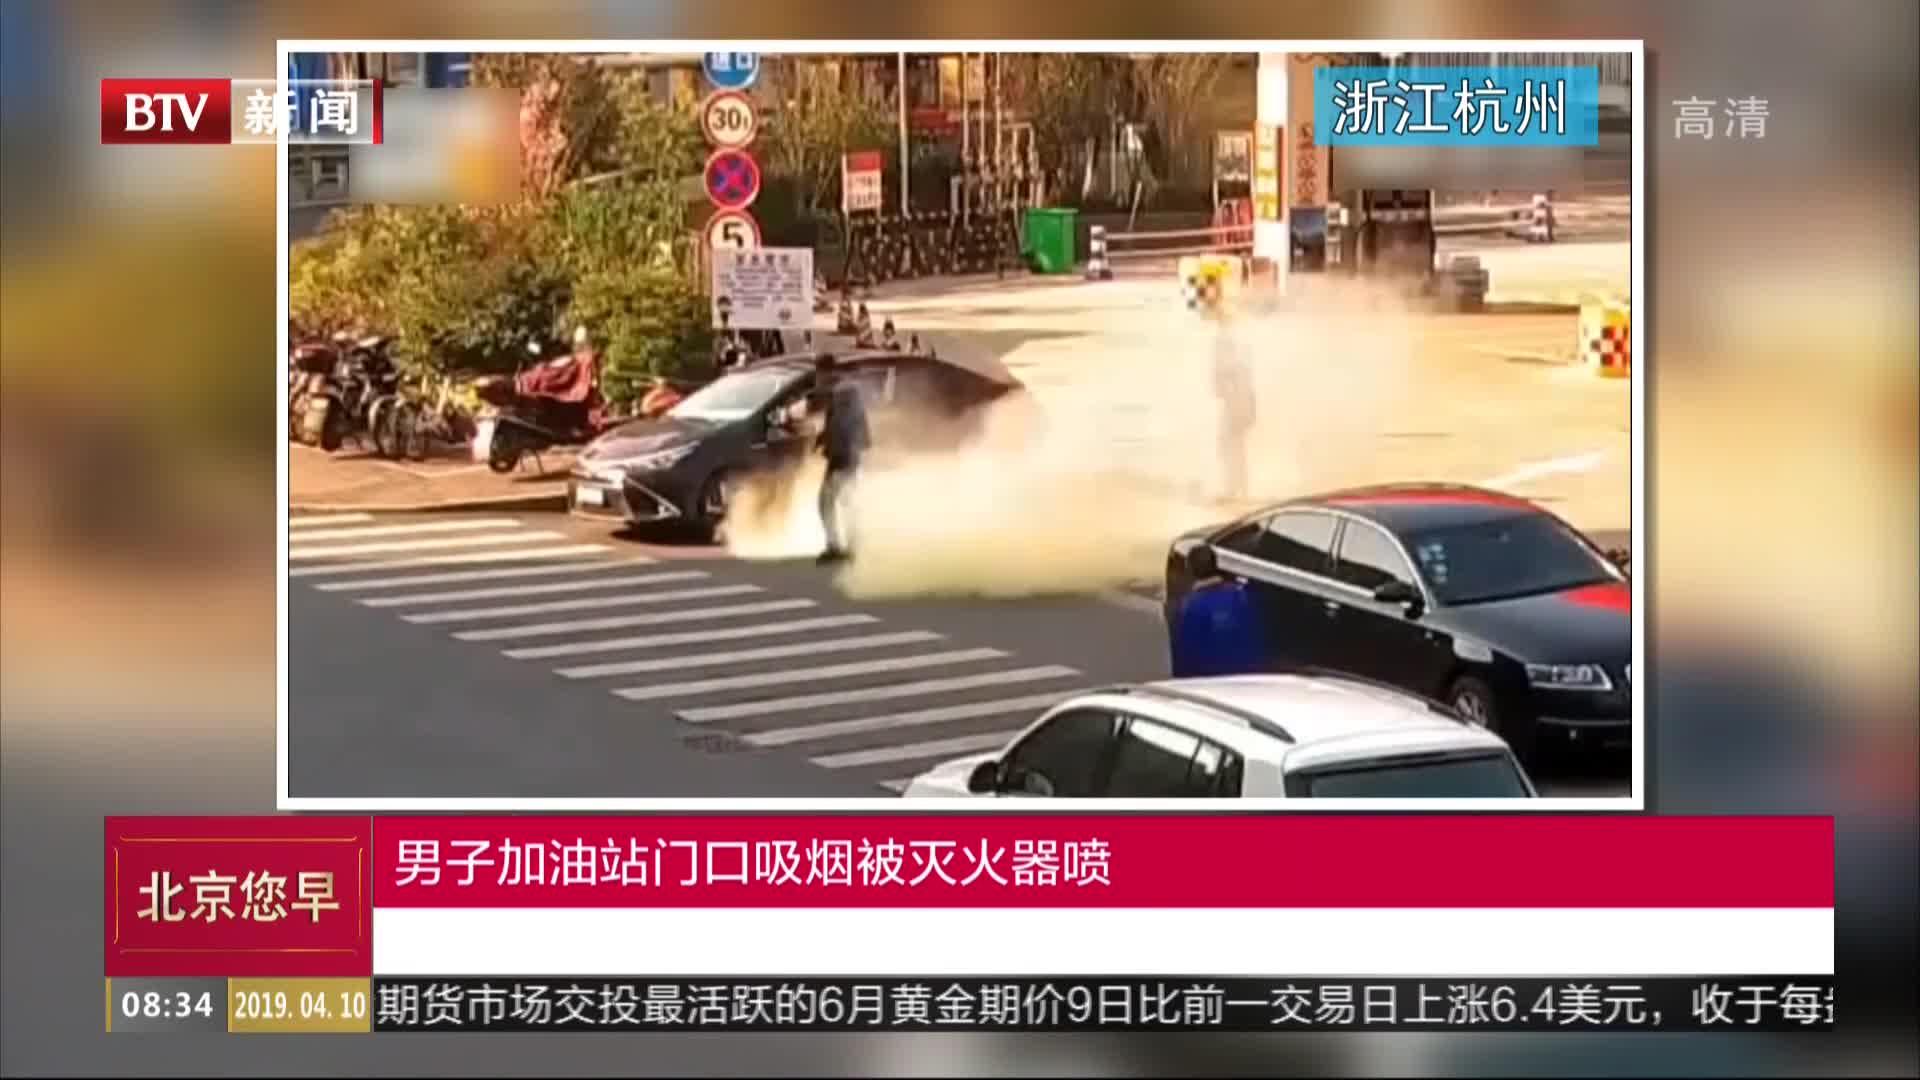 [视频]男子加油站抽烟不听劝 被灭火器狂喷拘留3天